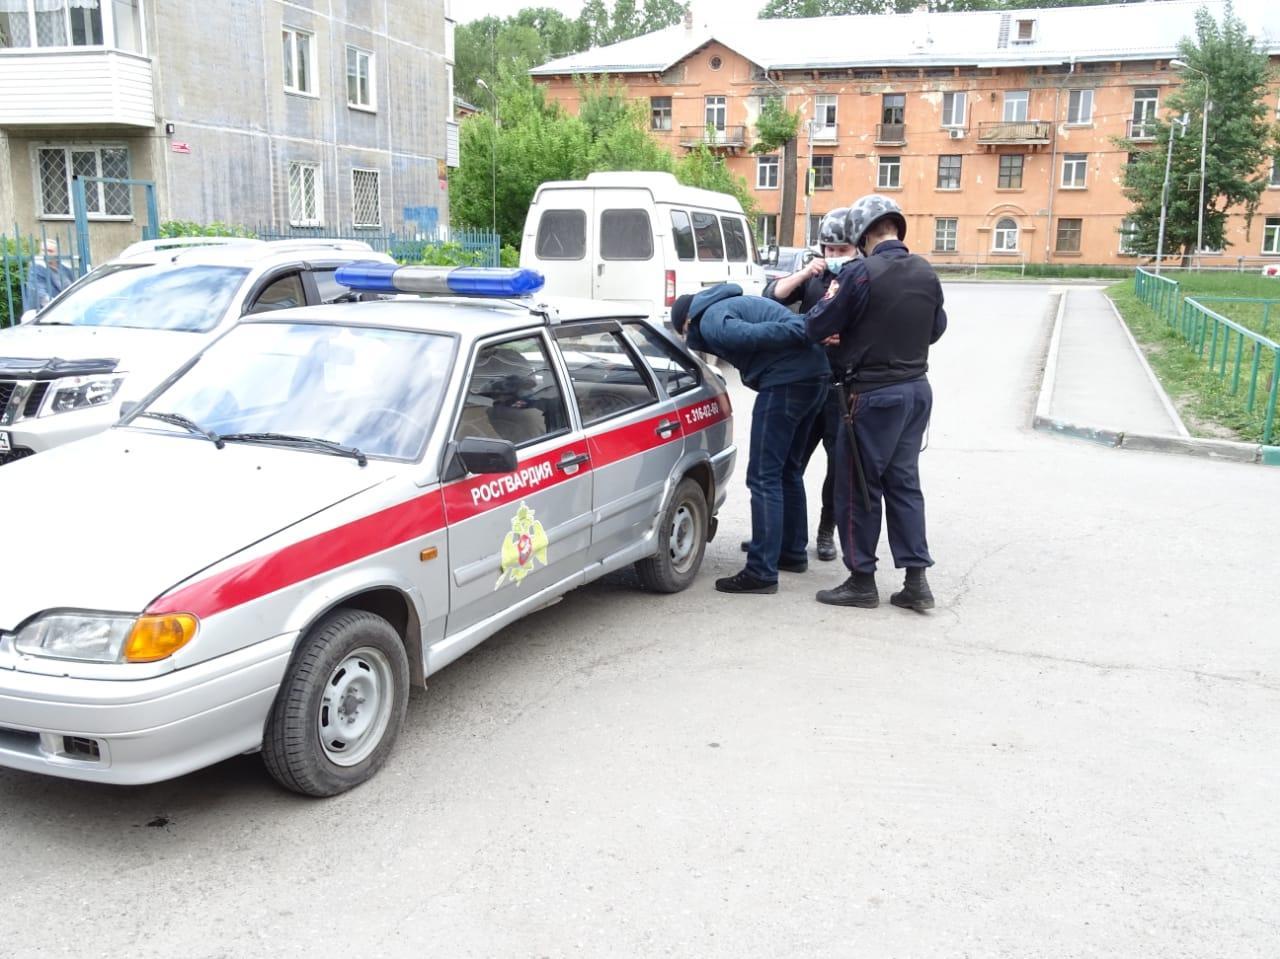 фото В школах Новосибирска отработали защиту от терактов после стрельбы в Казани 4